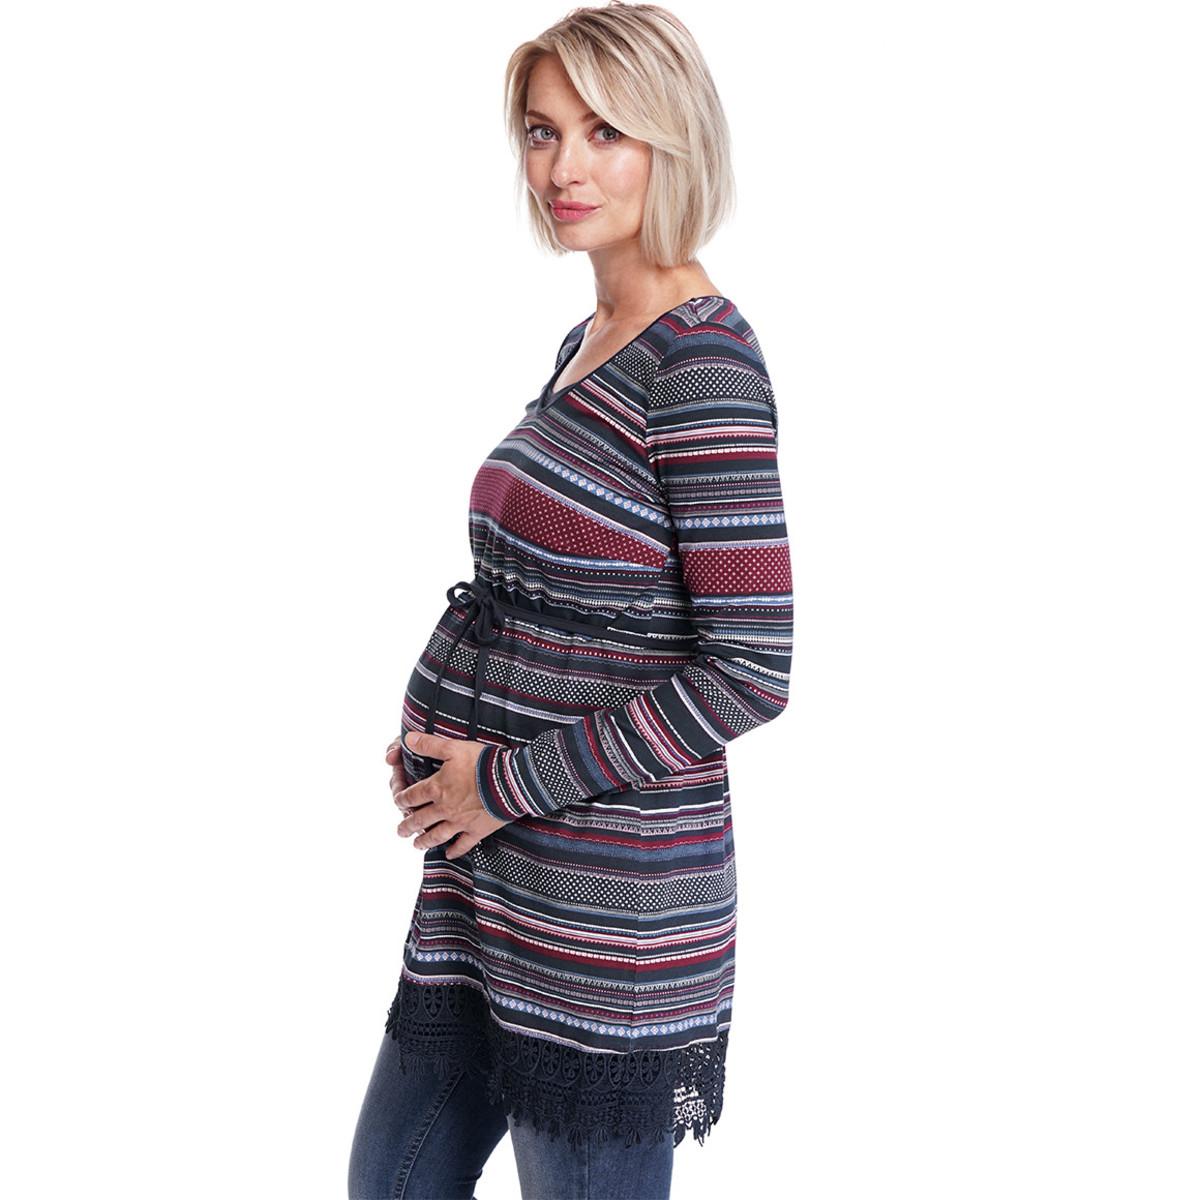 Bild 3 von Damen Umstands-Longshirt mit Allover-Print